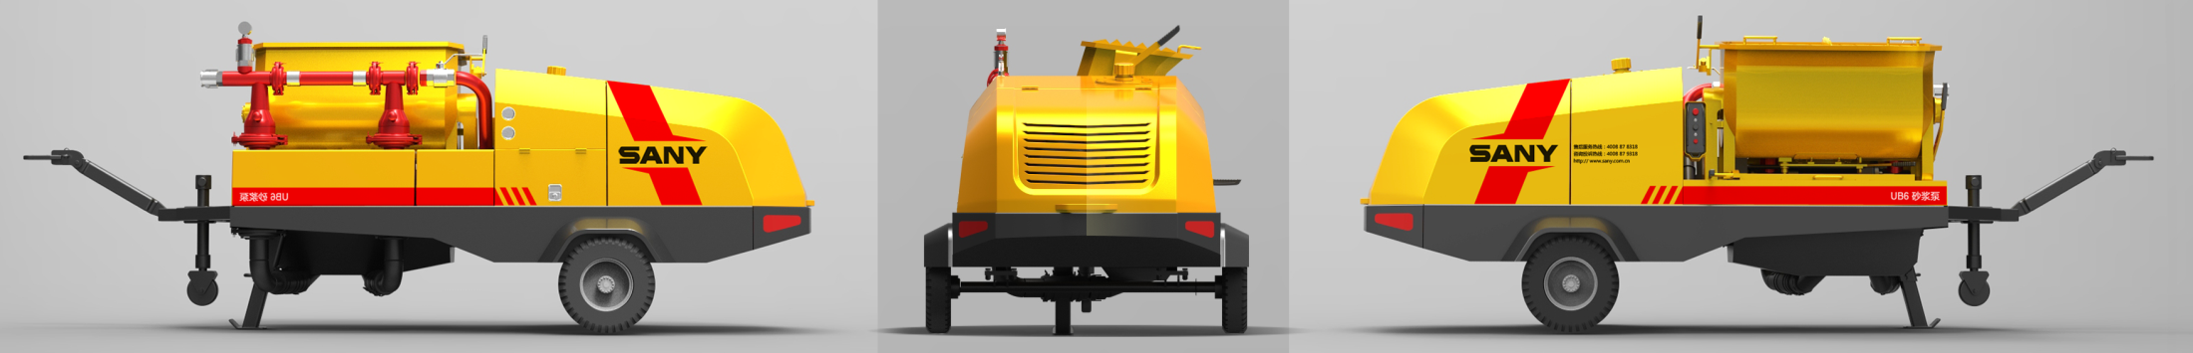 三一重工砂浆泵工业设计